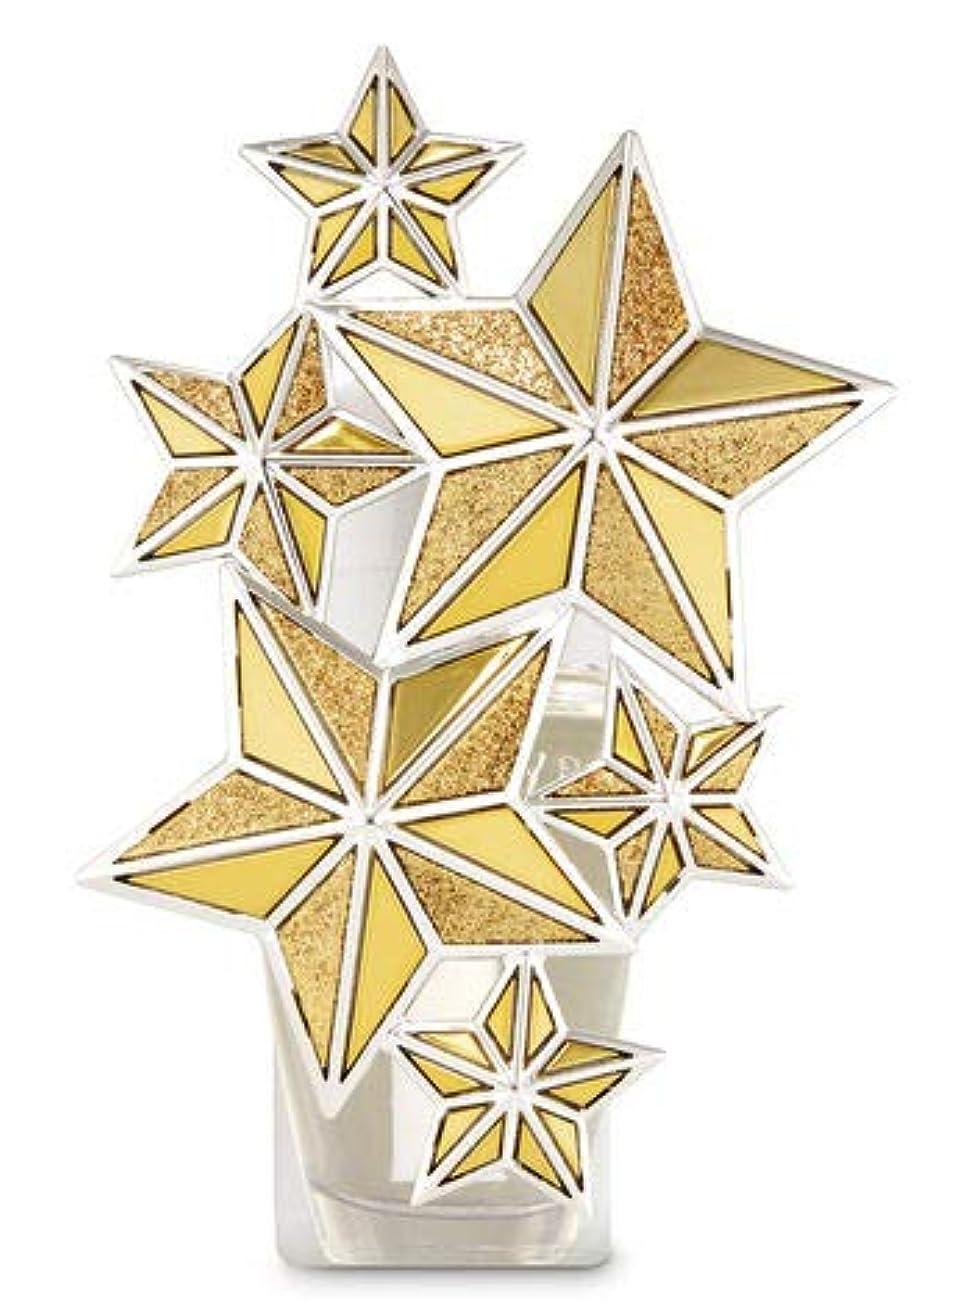 ピル哲学慣習【Bath&Body Works/バス&ボディワークス】 ルームフレグランス プラグインスターター (本体のみ) ゴールドスター ナイトライト Wallflowers Fragrance Plug Gold Star Night...